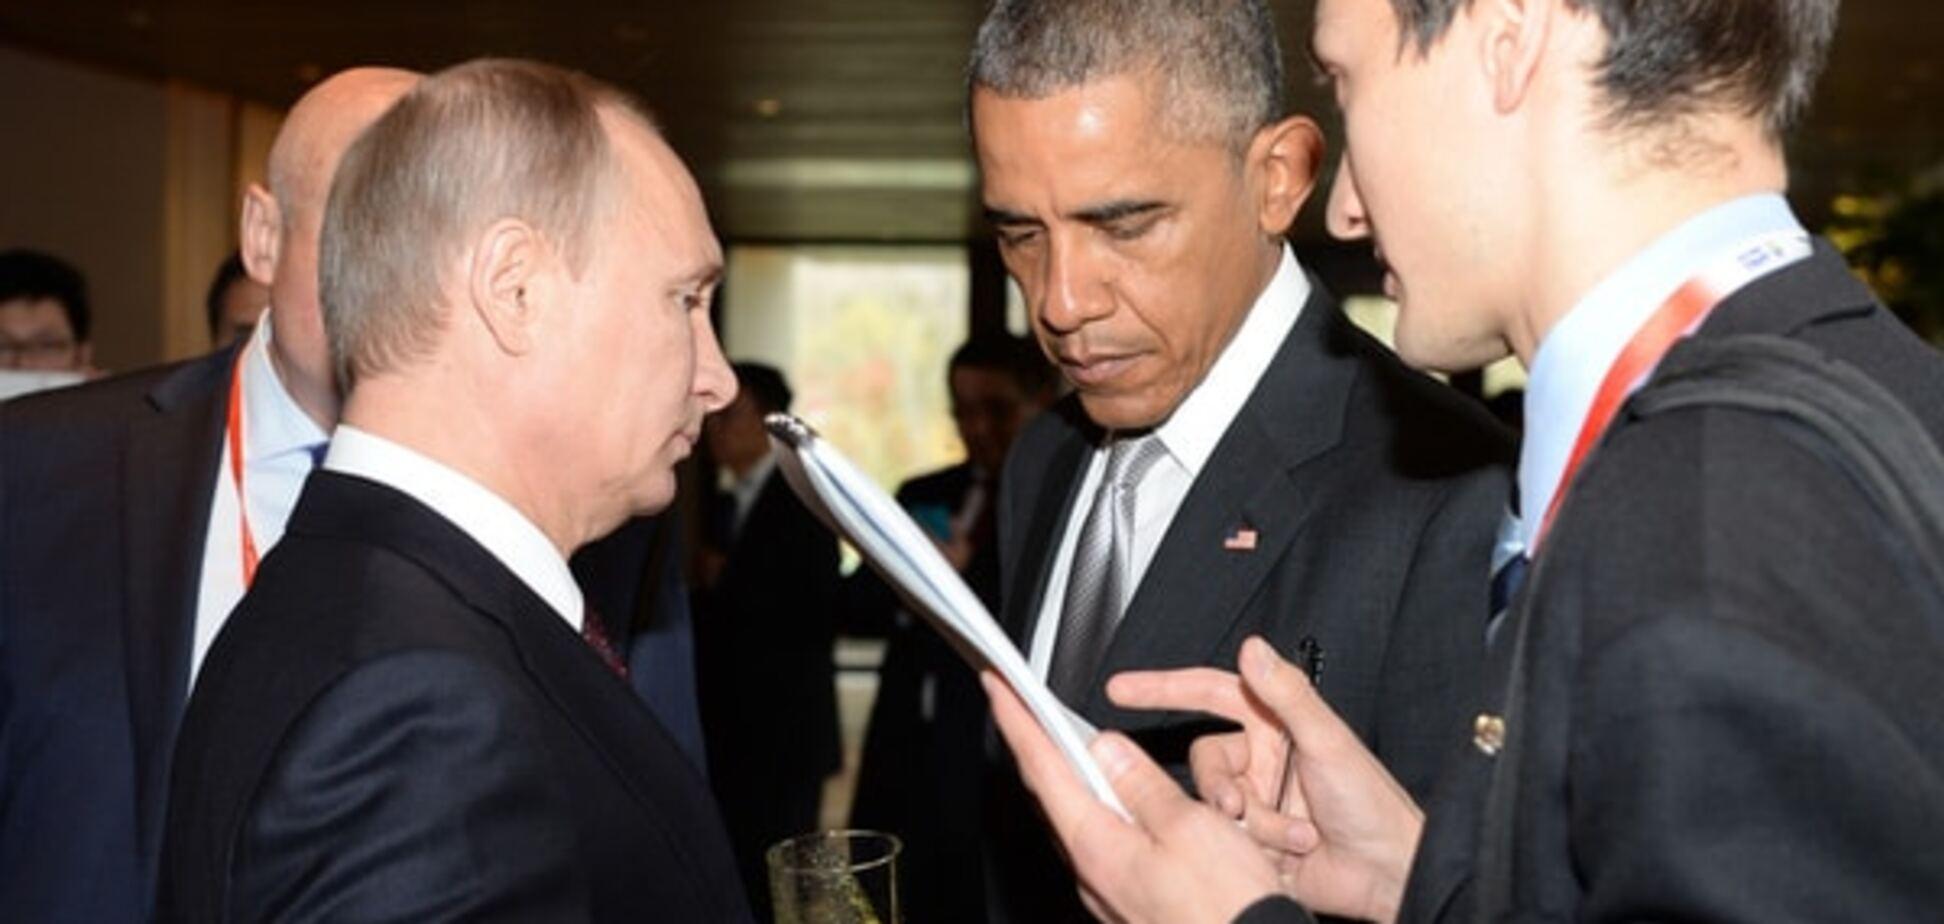 Крючков верит, что Обама и Путин могут оказаться в одной 'упряжке'